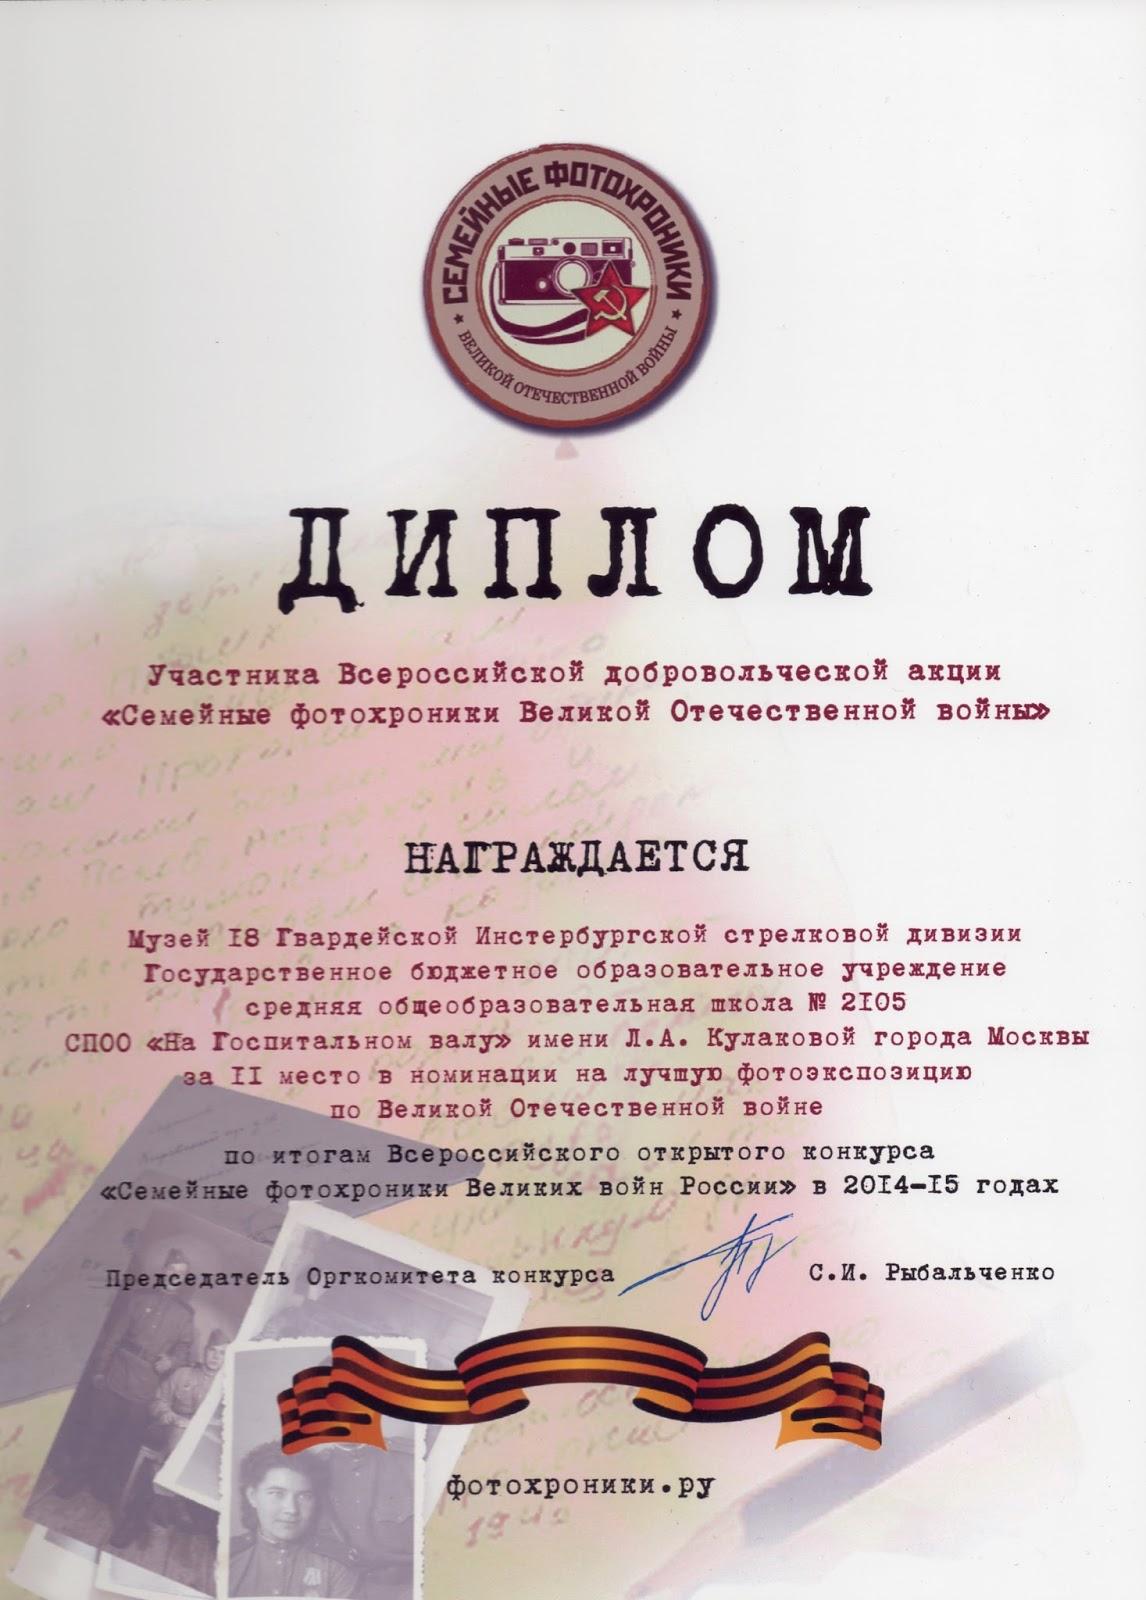 2-е место во Всероссийском конкурсе